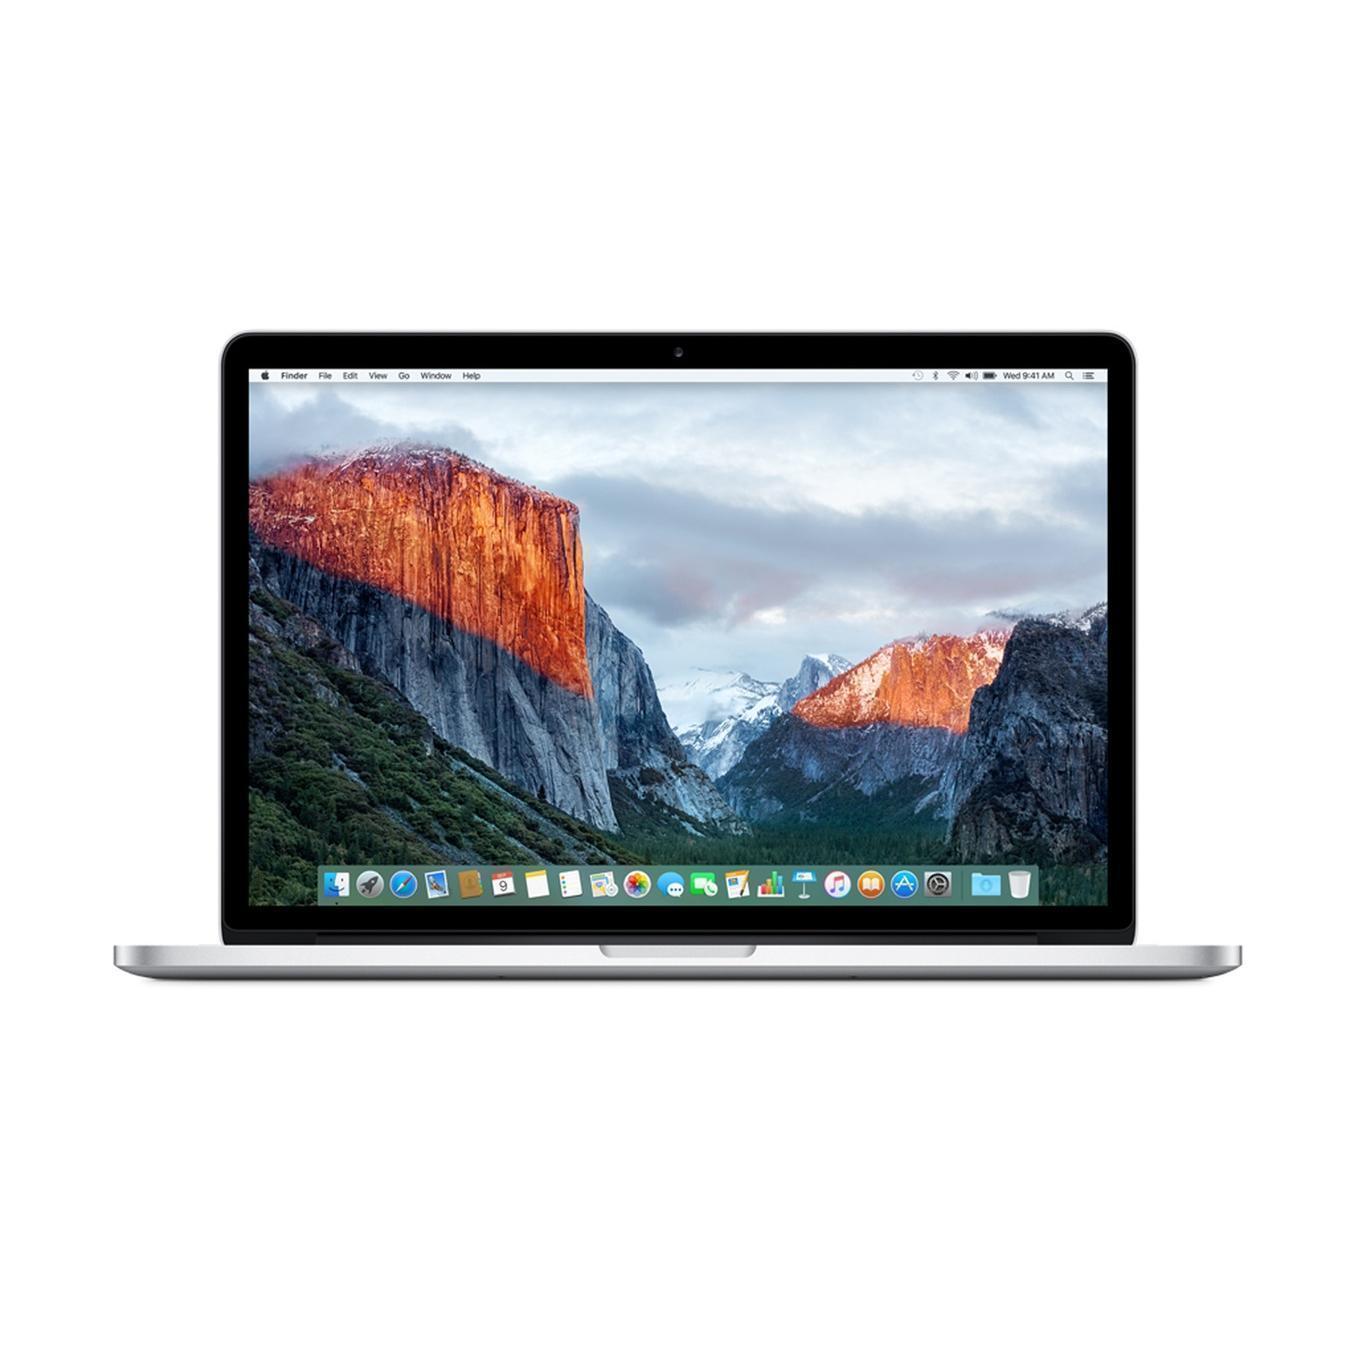 MacBook Pro Retina 15,4-tum (2013) - Core i7 - 8GB - SSD 500 GB QWERTY - Engelska (Storbritannien)